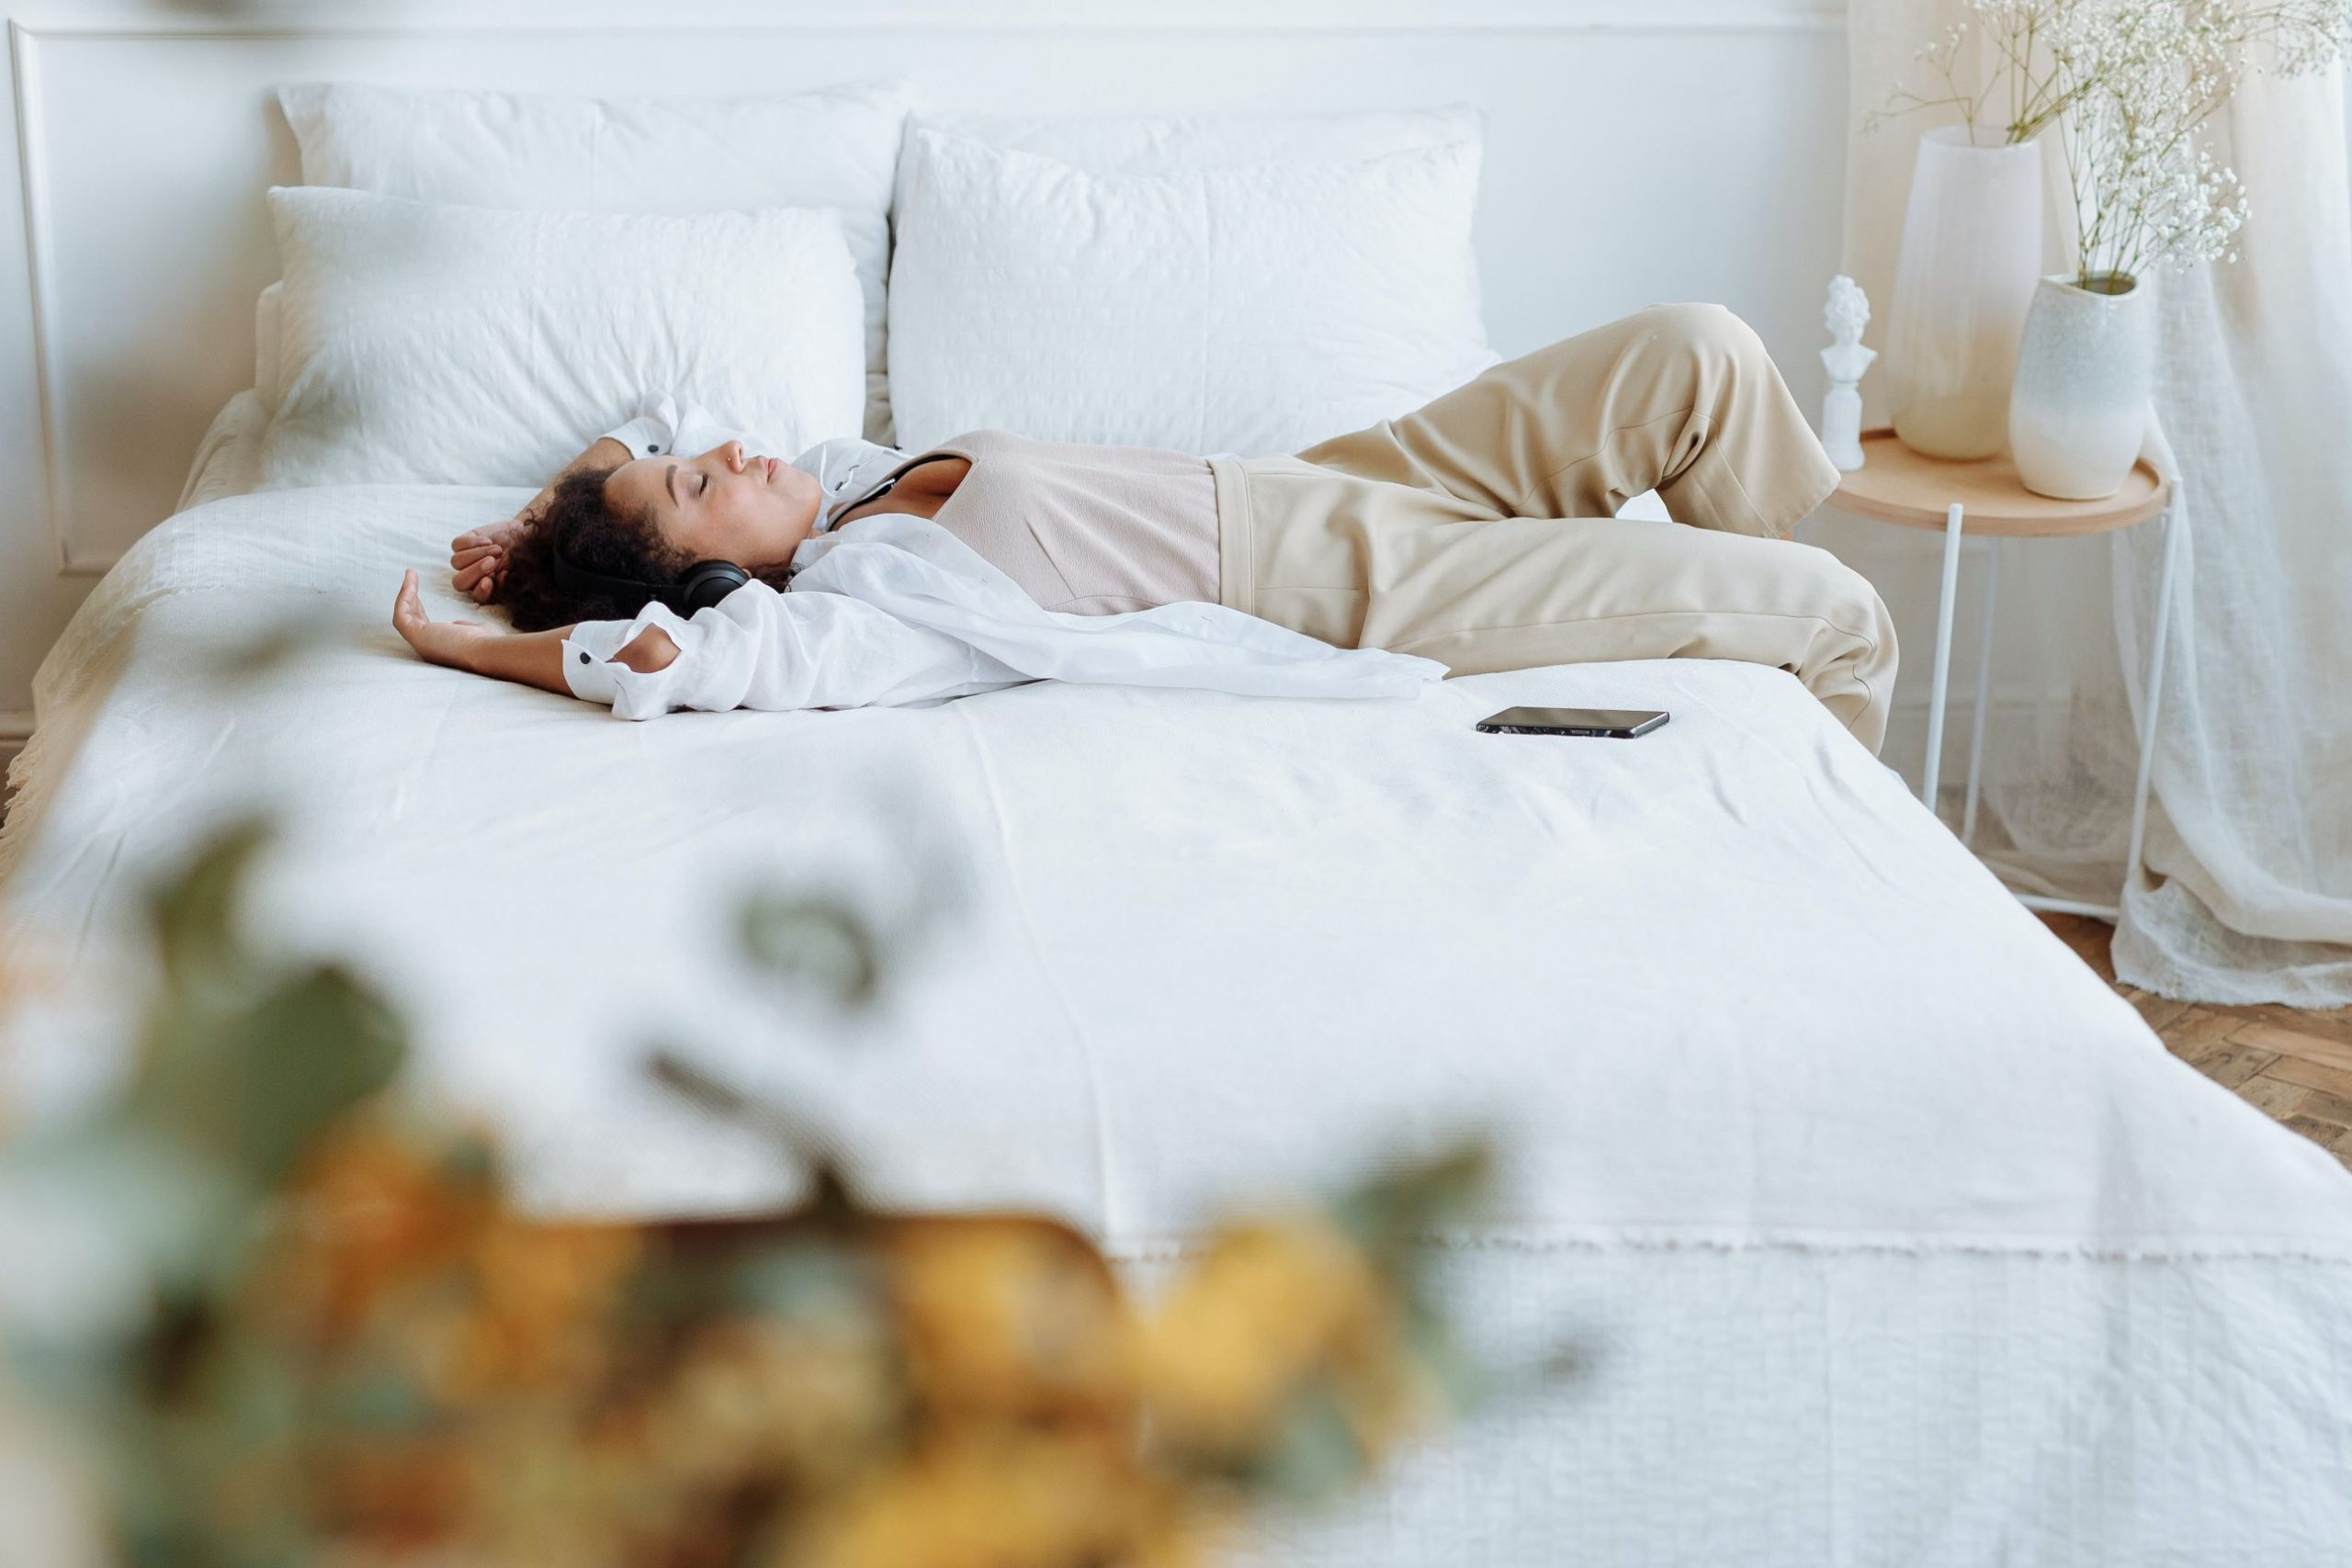 Iată 3 obiceiuri care te vor face să te simți foarte confortabil toamna aceasta